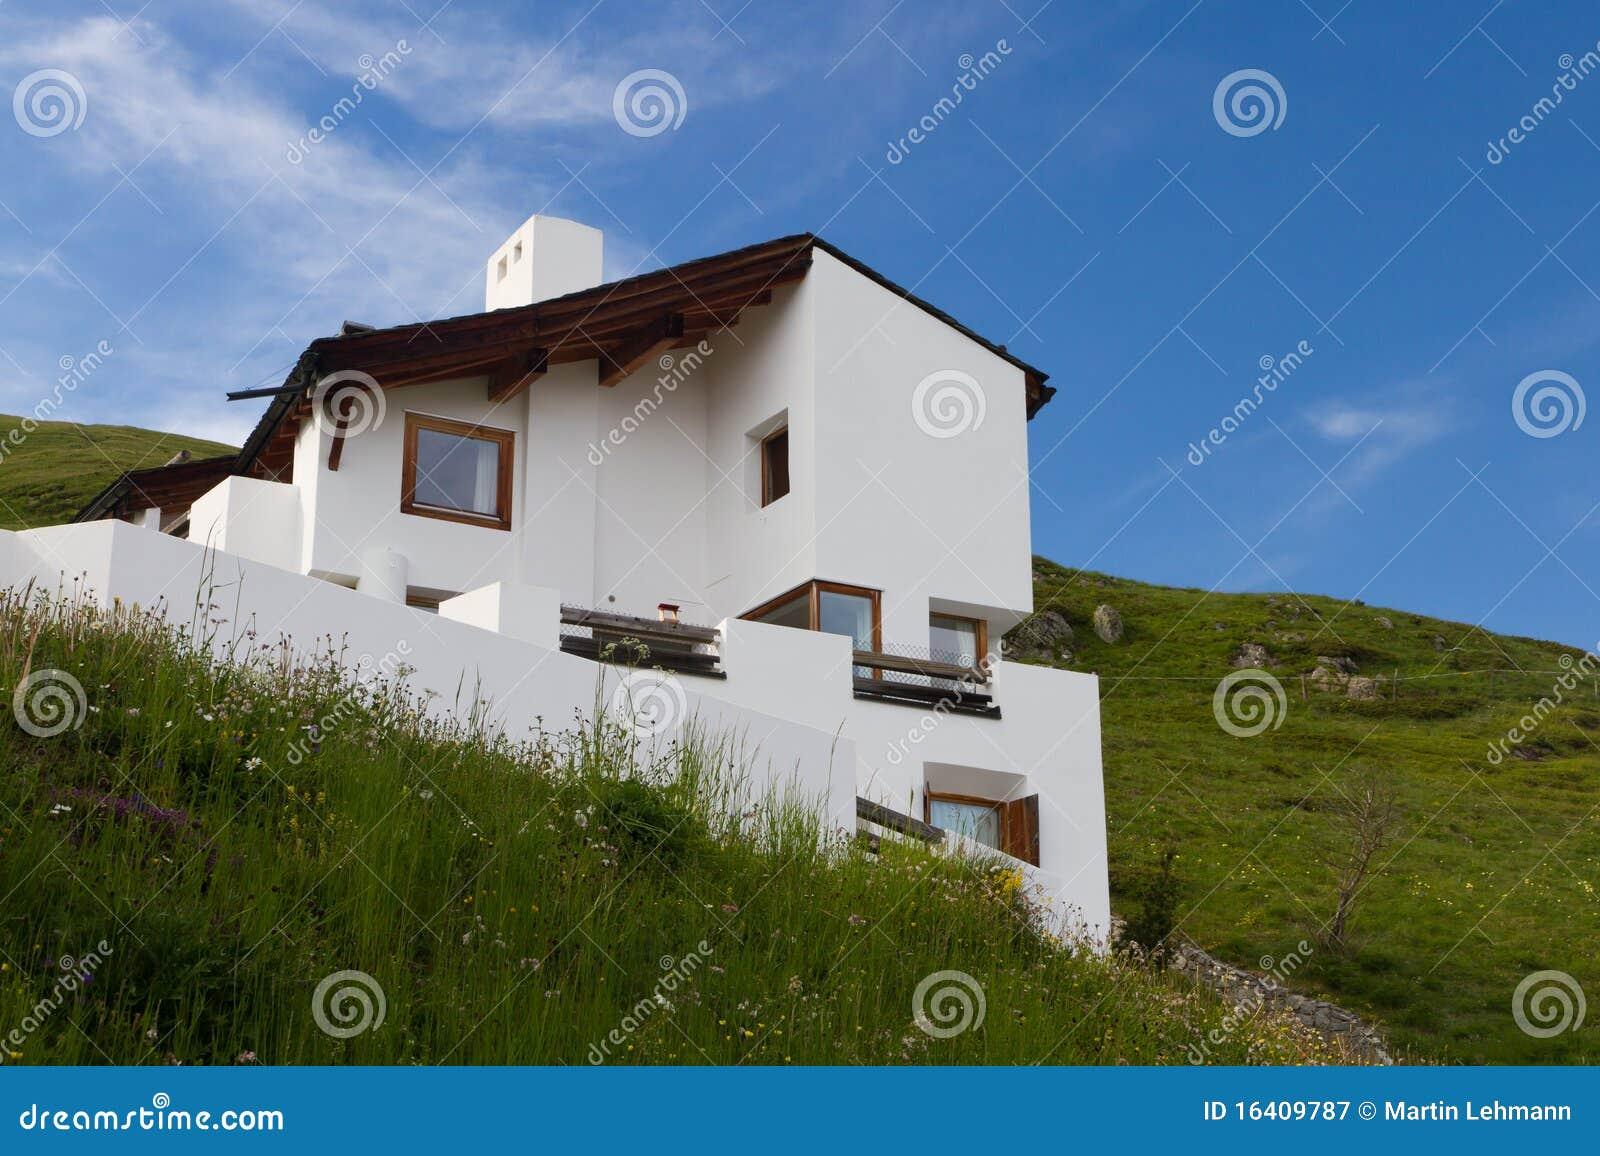 Casa moderna en las monta as fotograf a de archivo libre for Casa moderna vector